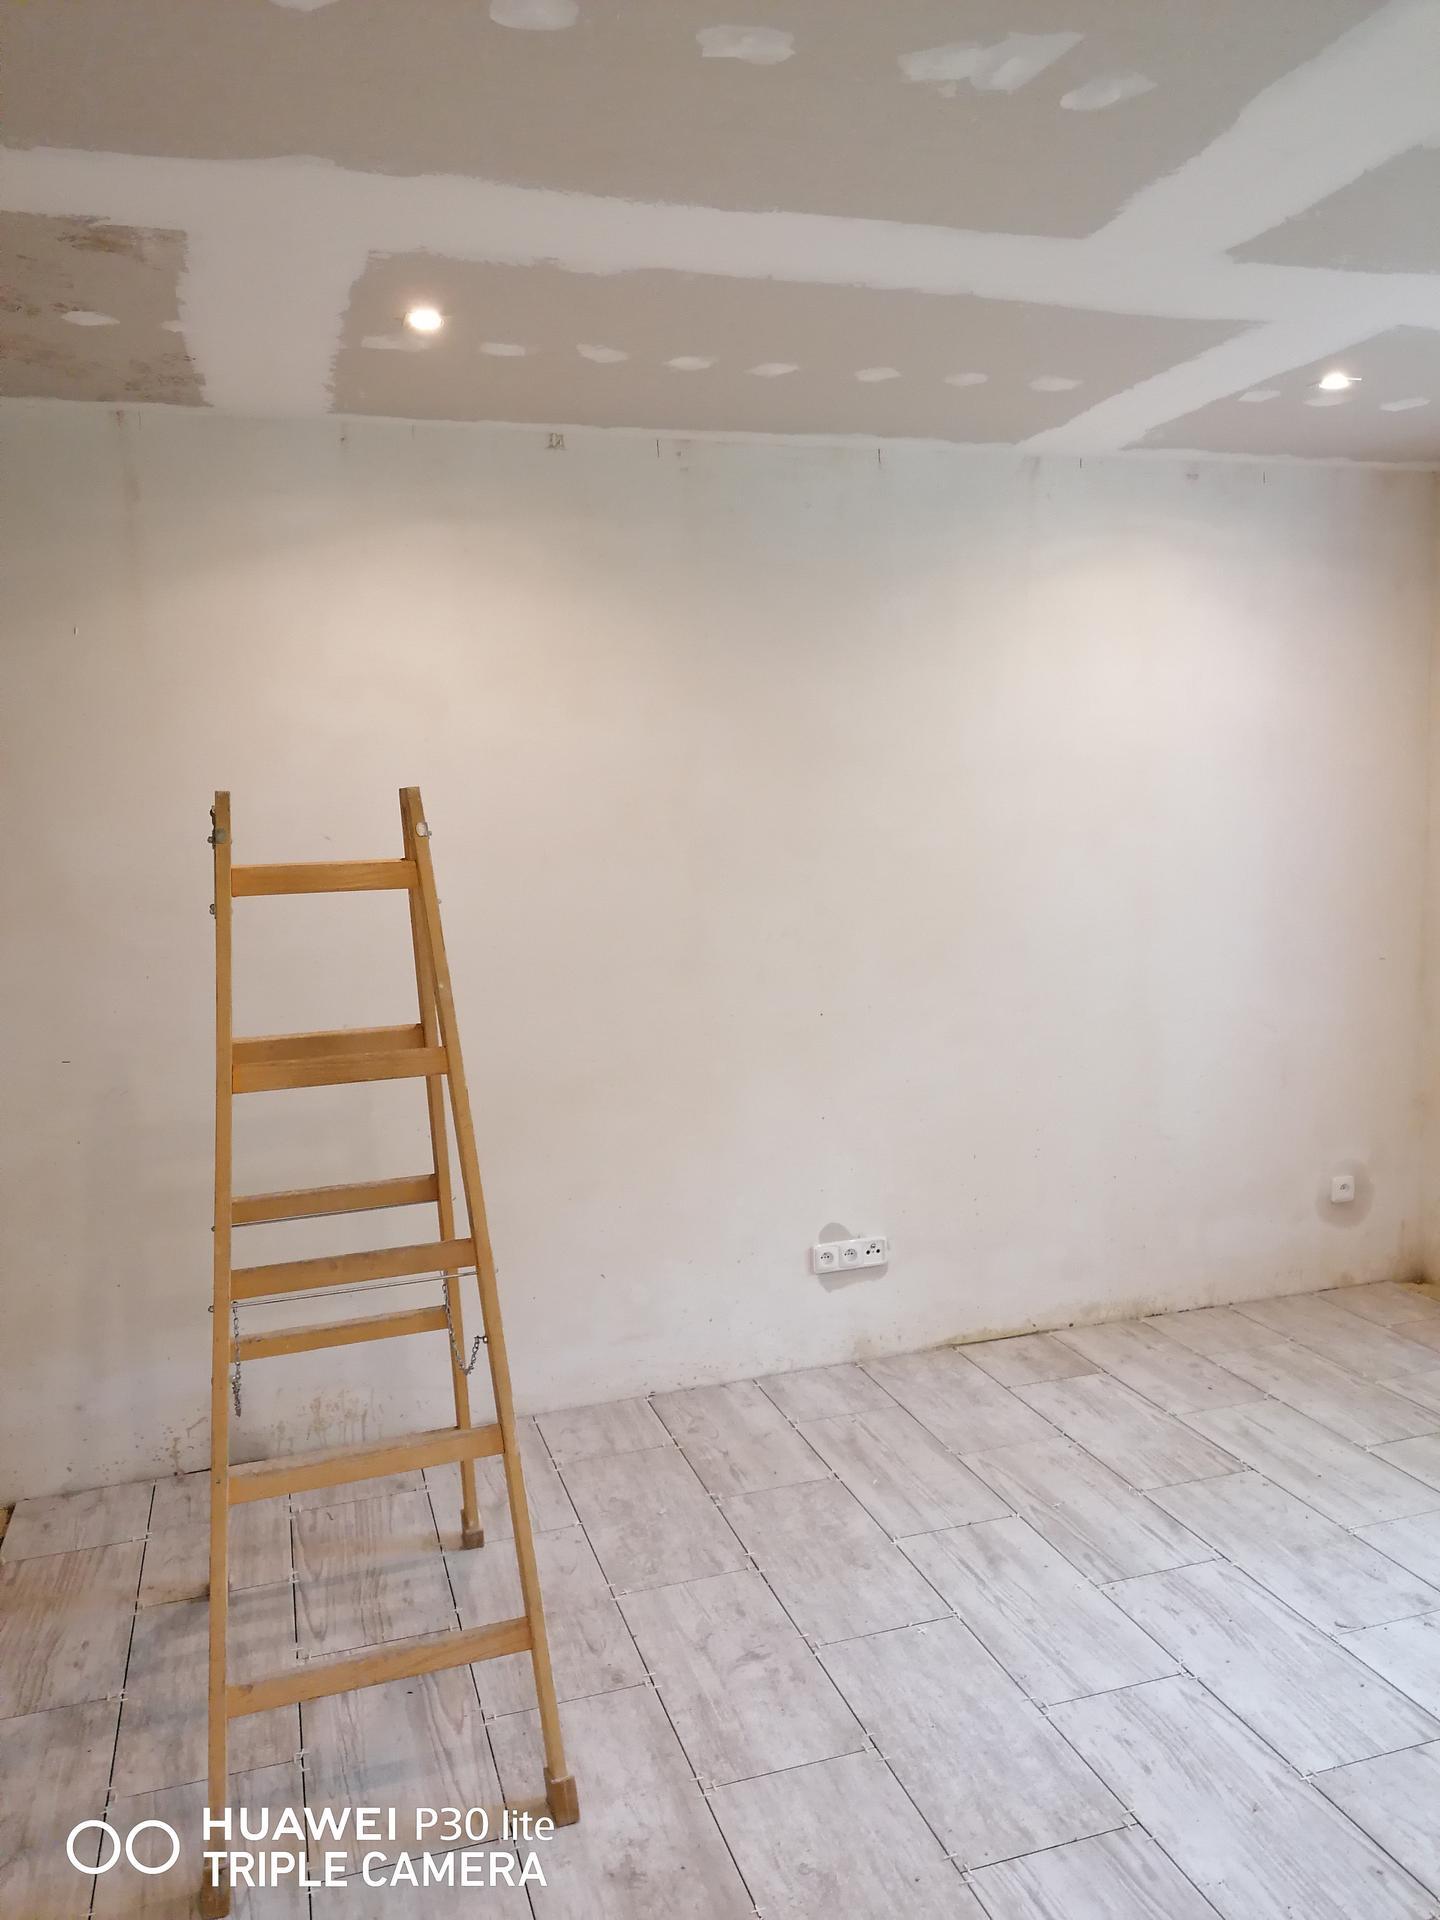 Rekonstrukce domečku ❤️ - Obrázek č. 86